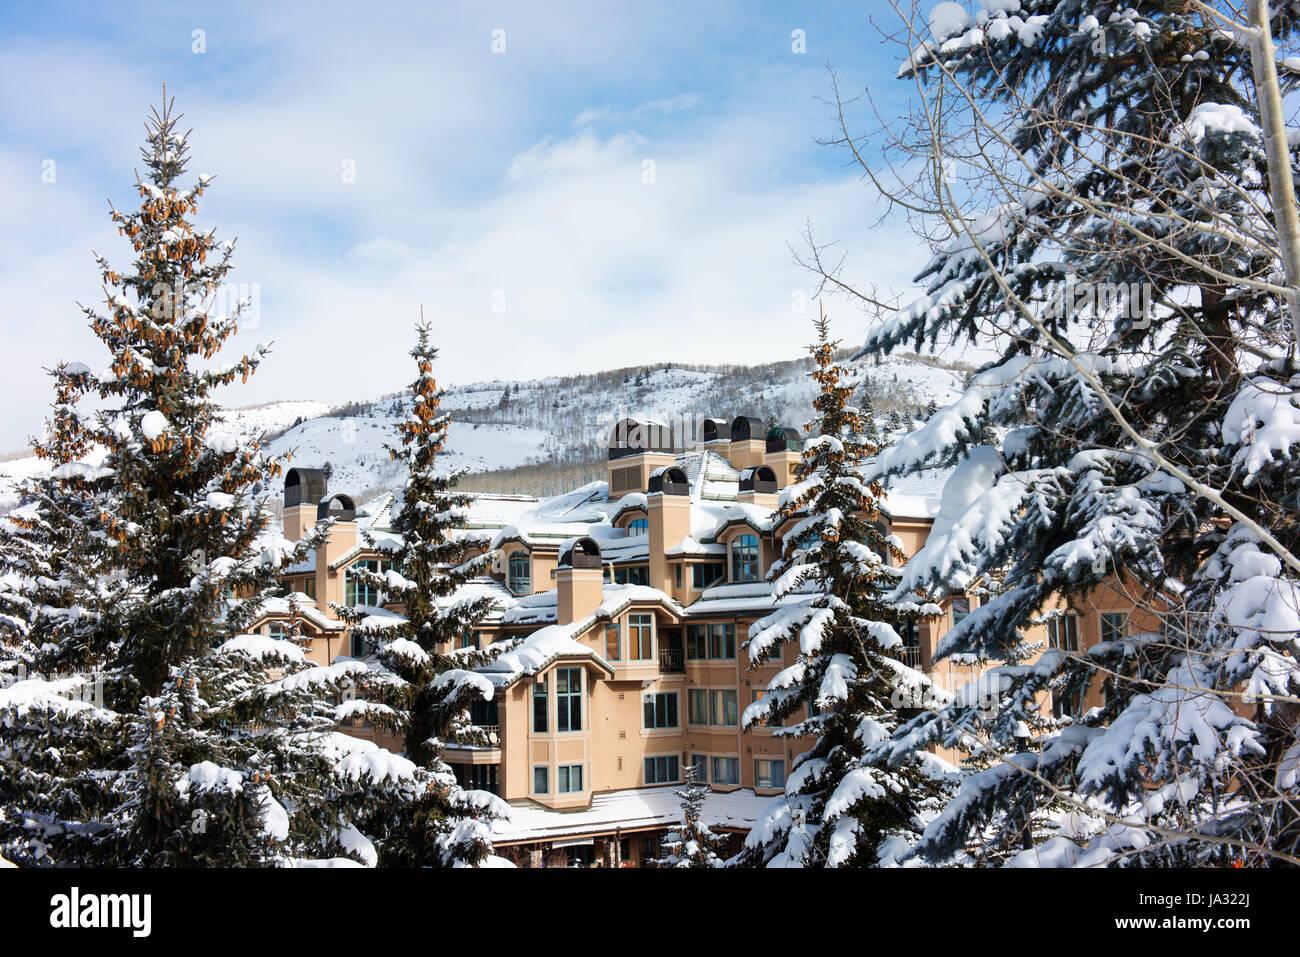 Apartamentos de vacaciones en Beaver Creek, una estación de esquí cerca de Avon, Colorado. Imagen De Stock